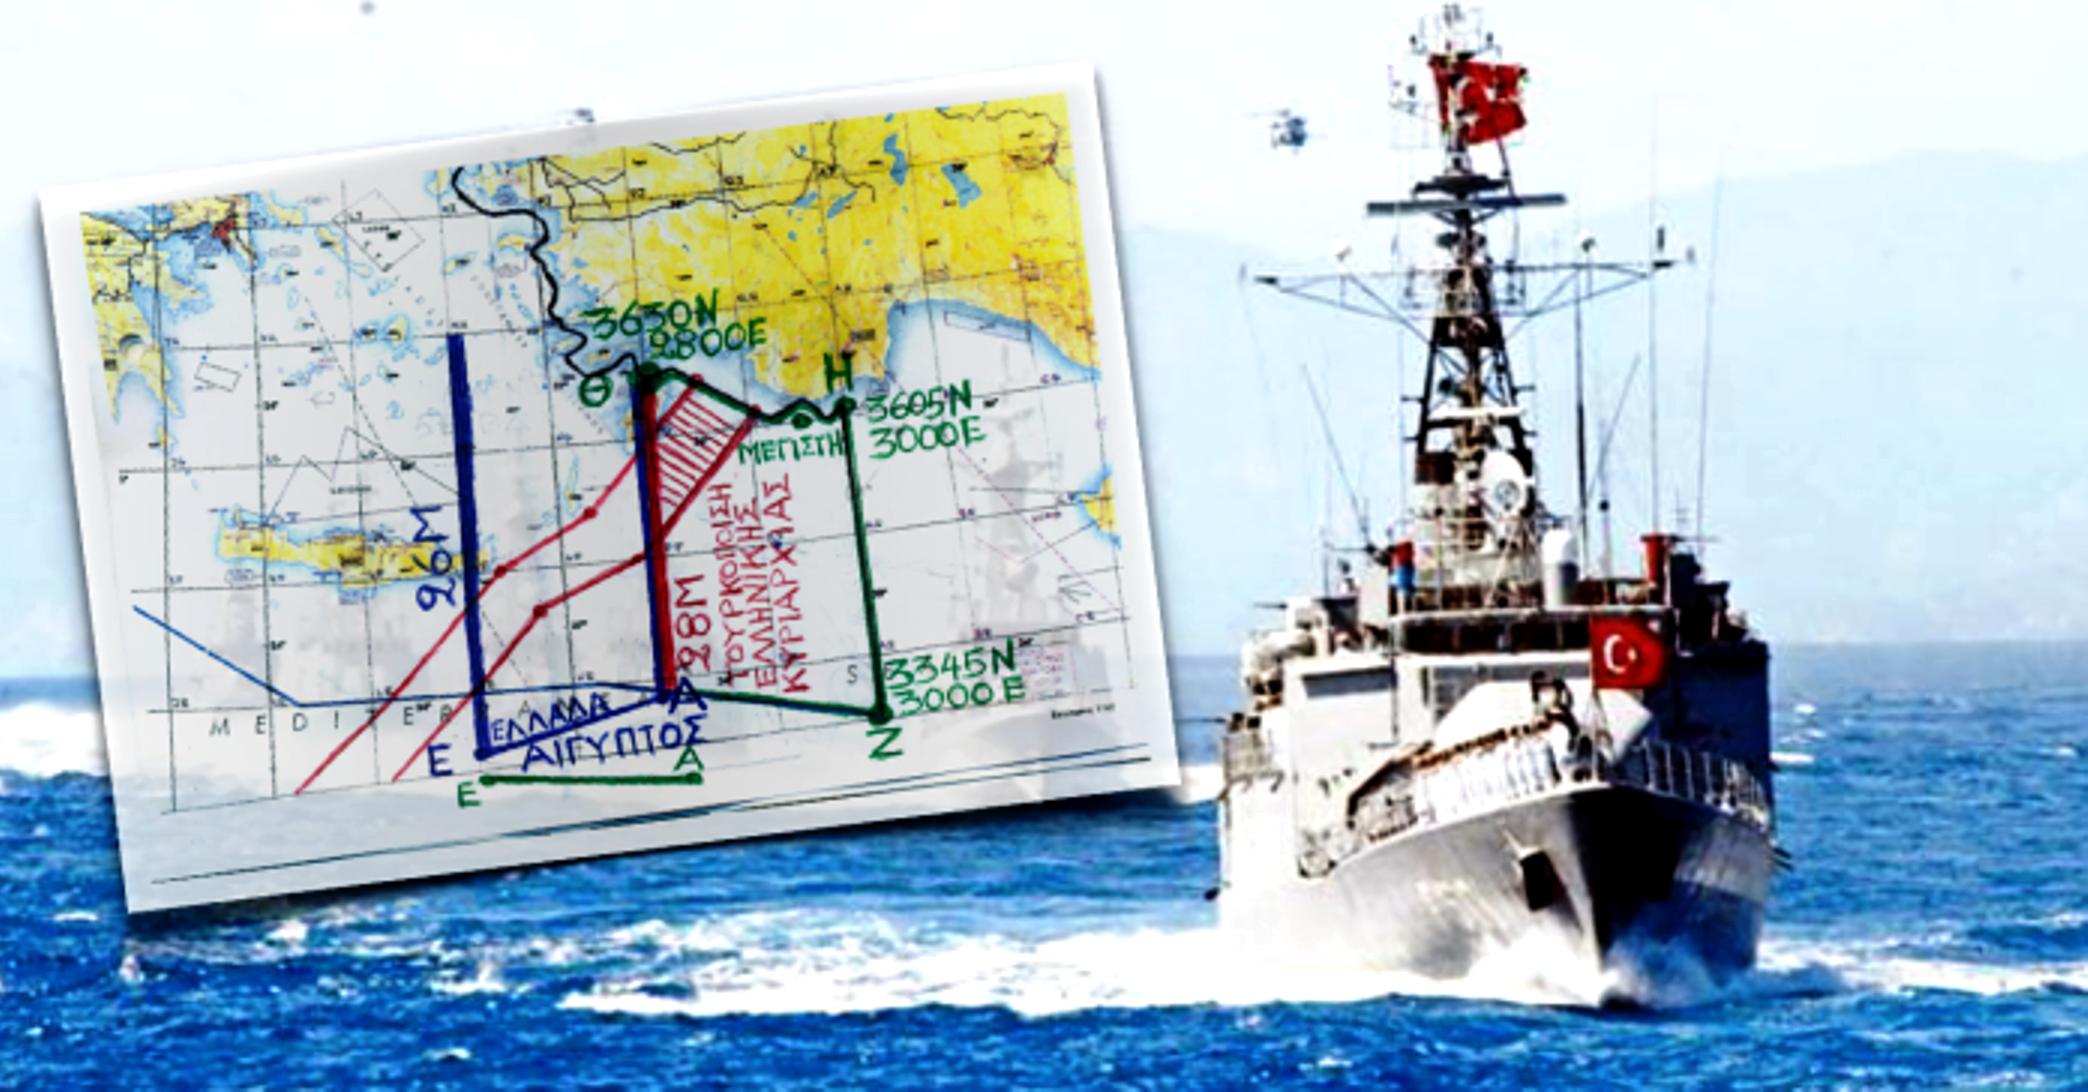 Η τουρκοποίηση της ελληνικής κυριαρχίας! Αποκαλυπτικός χάρτης